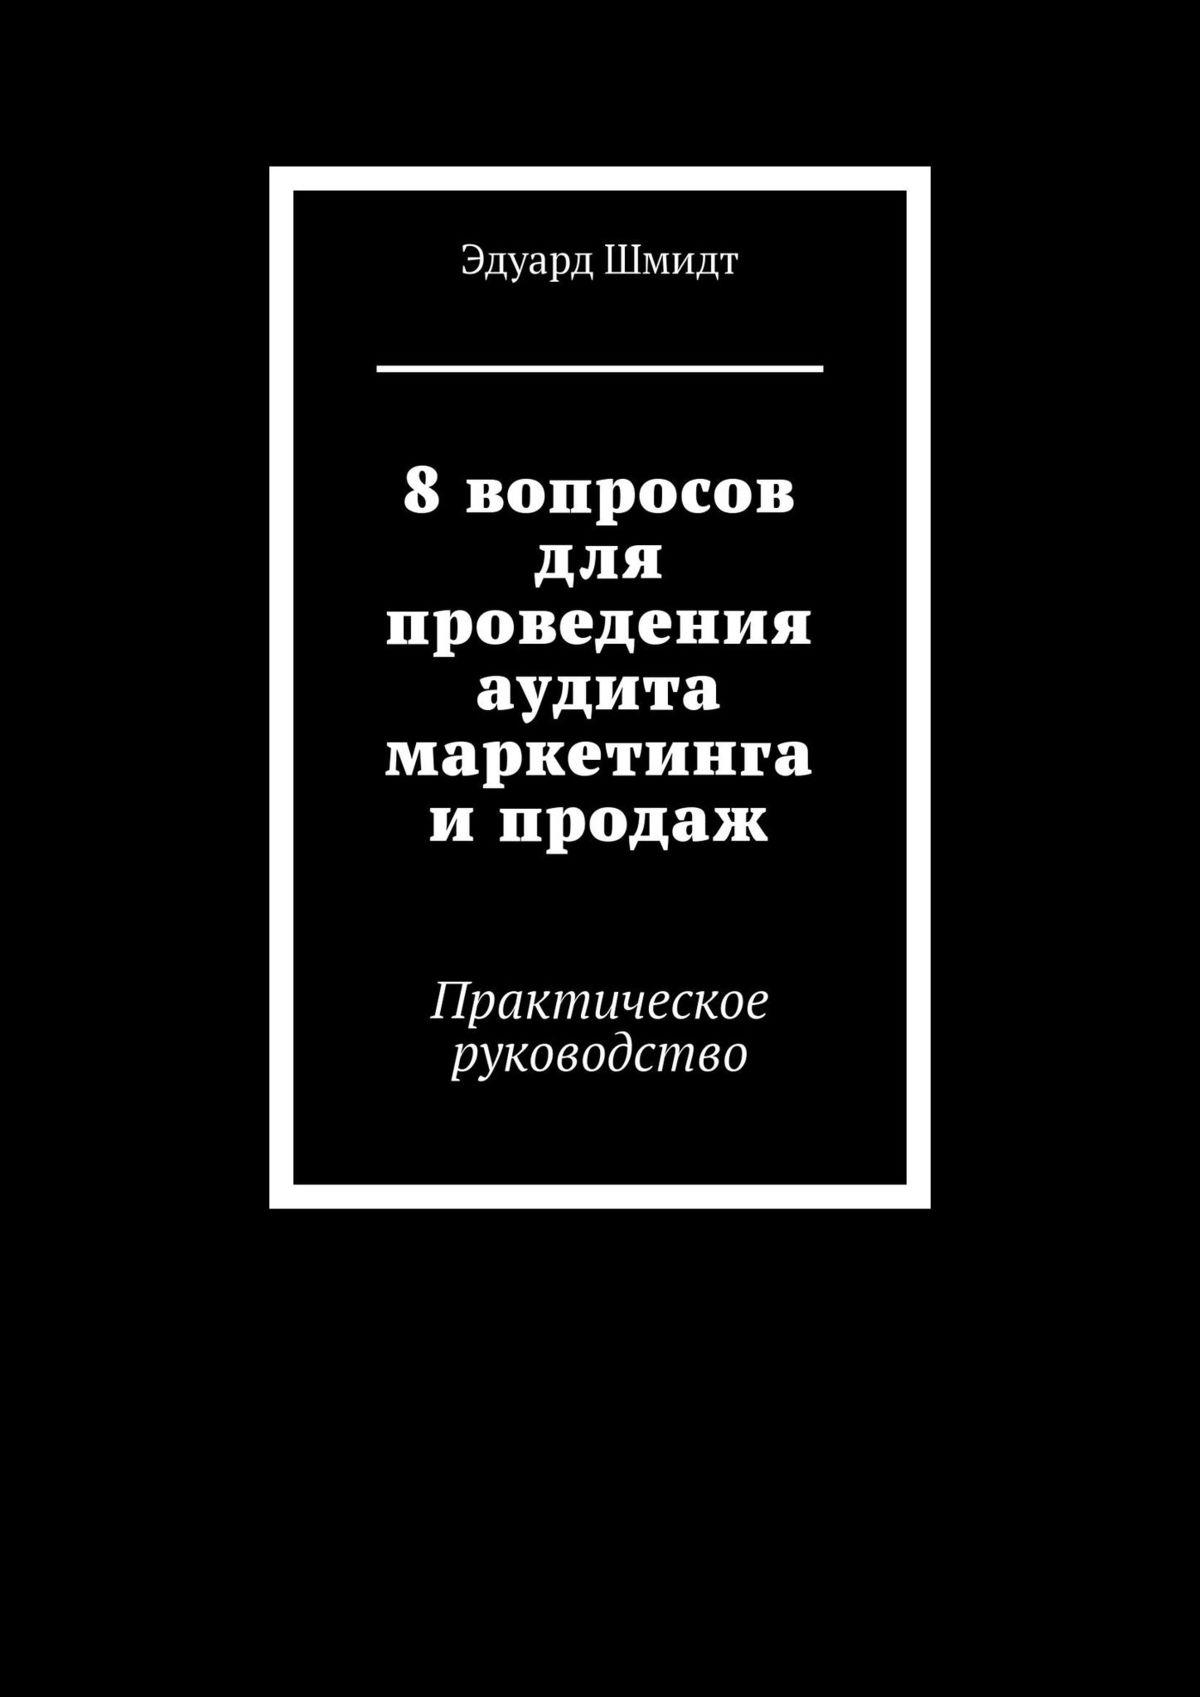 Эдуард Шмидт 8вопросов для проведения аудита маркетинга ипродаж. Практическое руководство